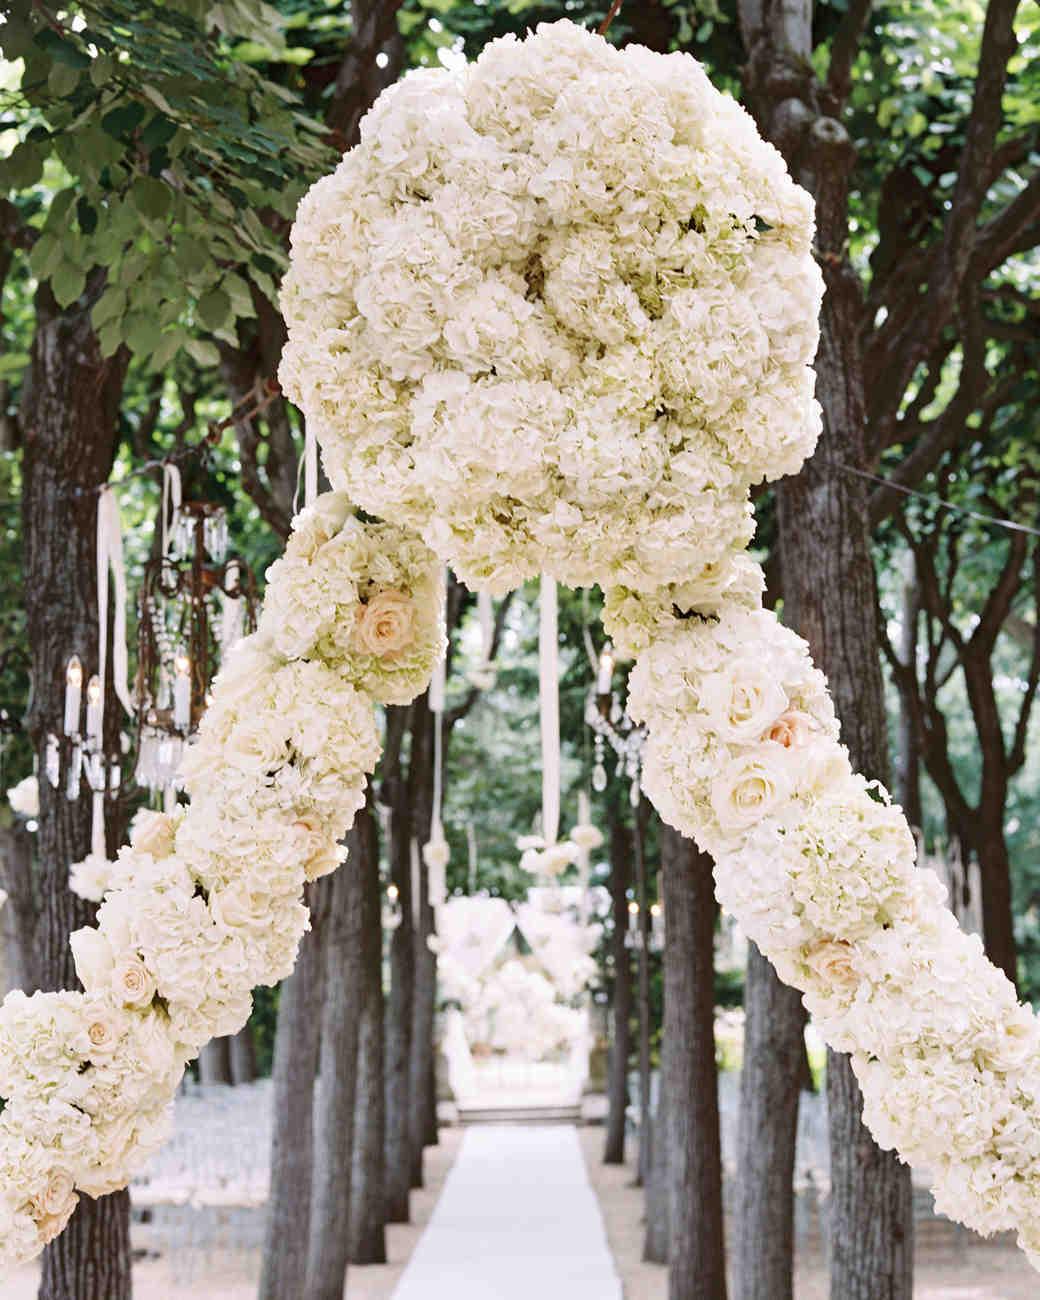 elizabeth-cody-wedding-parisian-inspired-dc-garland-35-s112715.jpg